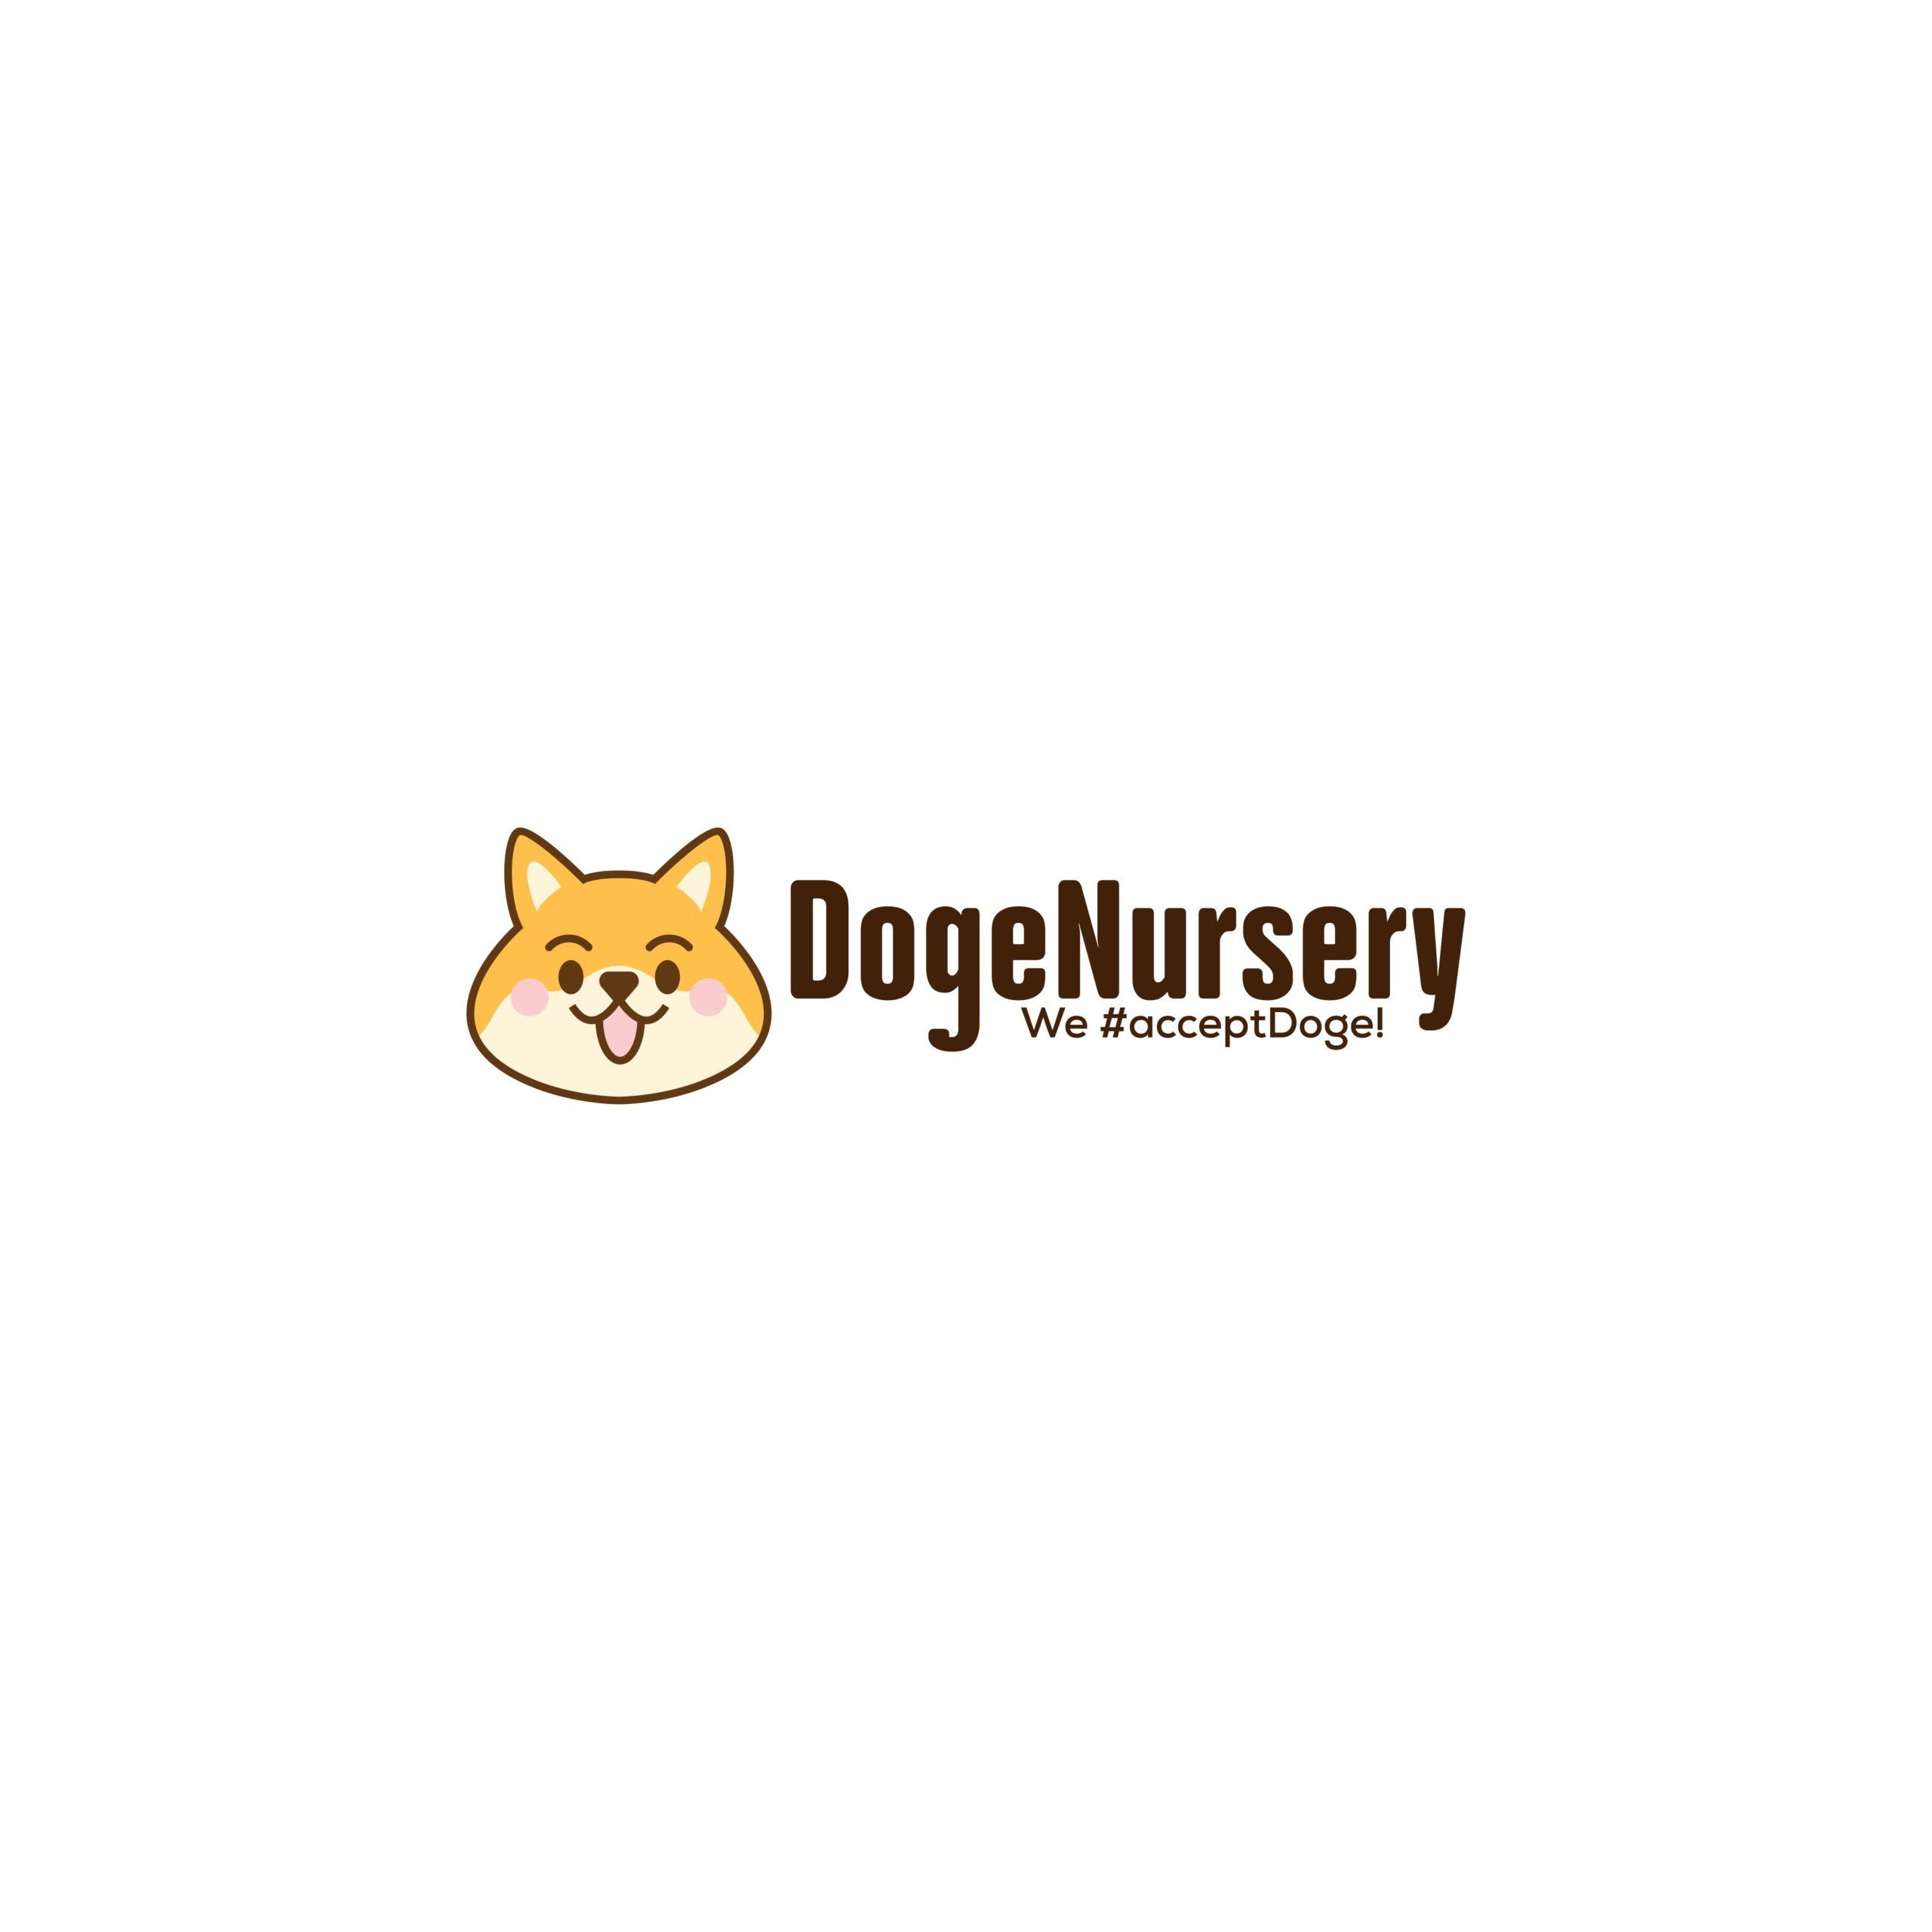 DogeNursery JT 0 01 2 scaled